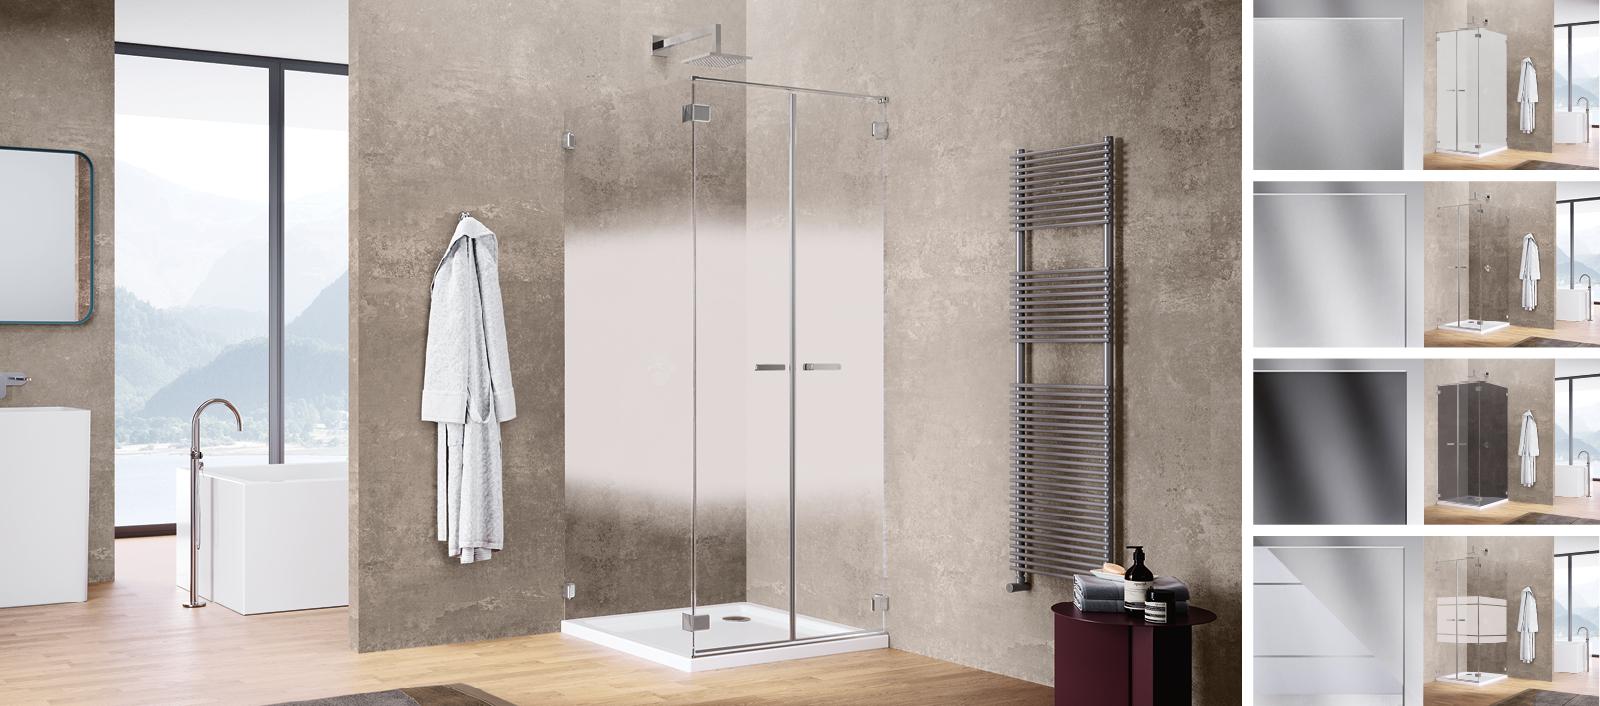 Sealskin douchewand gallery 3000 voor elke badkamerstijl. Verschillende kleuren glas #douchewand #douche #sealskin #badkamers